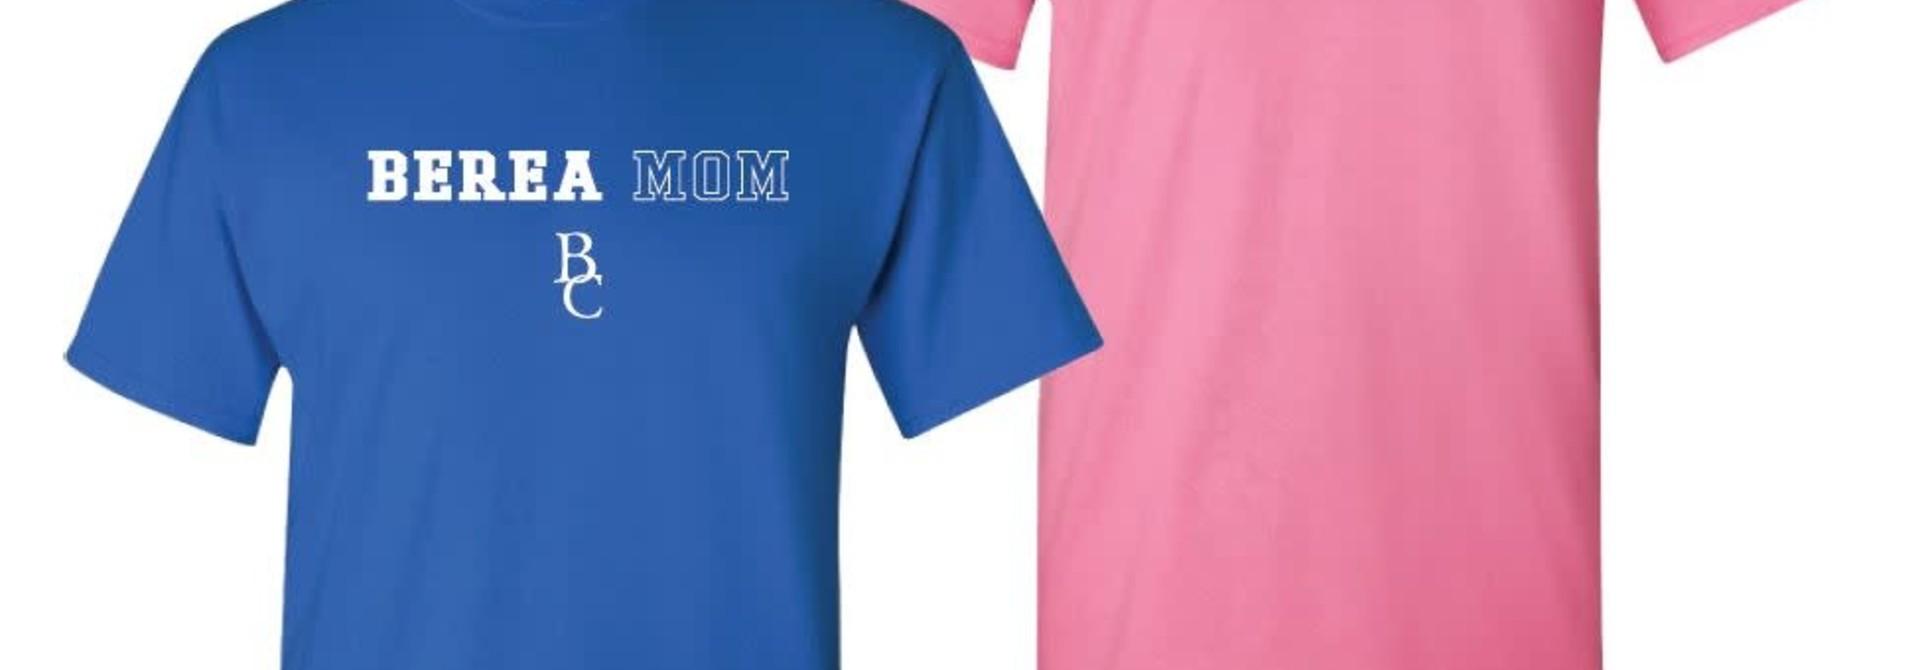 Berea Mom T-shirt